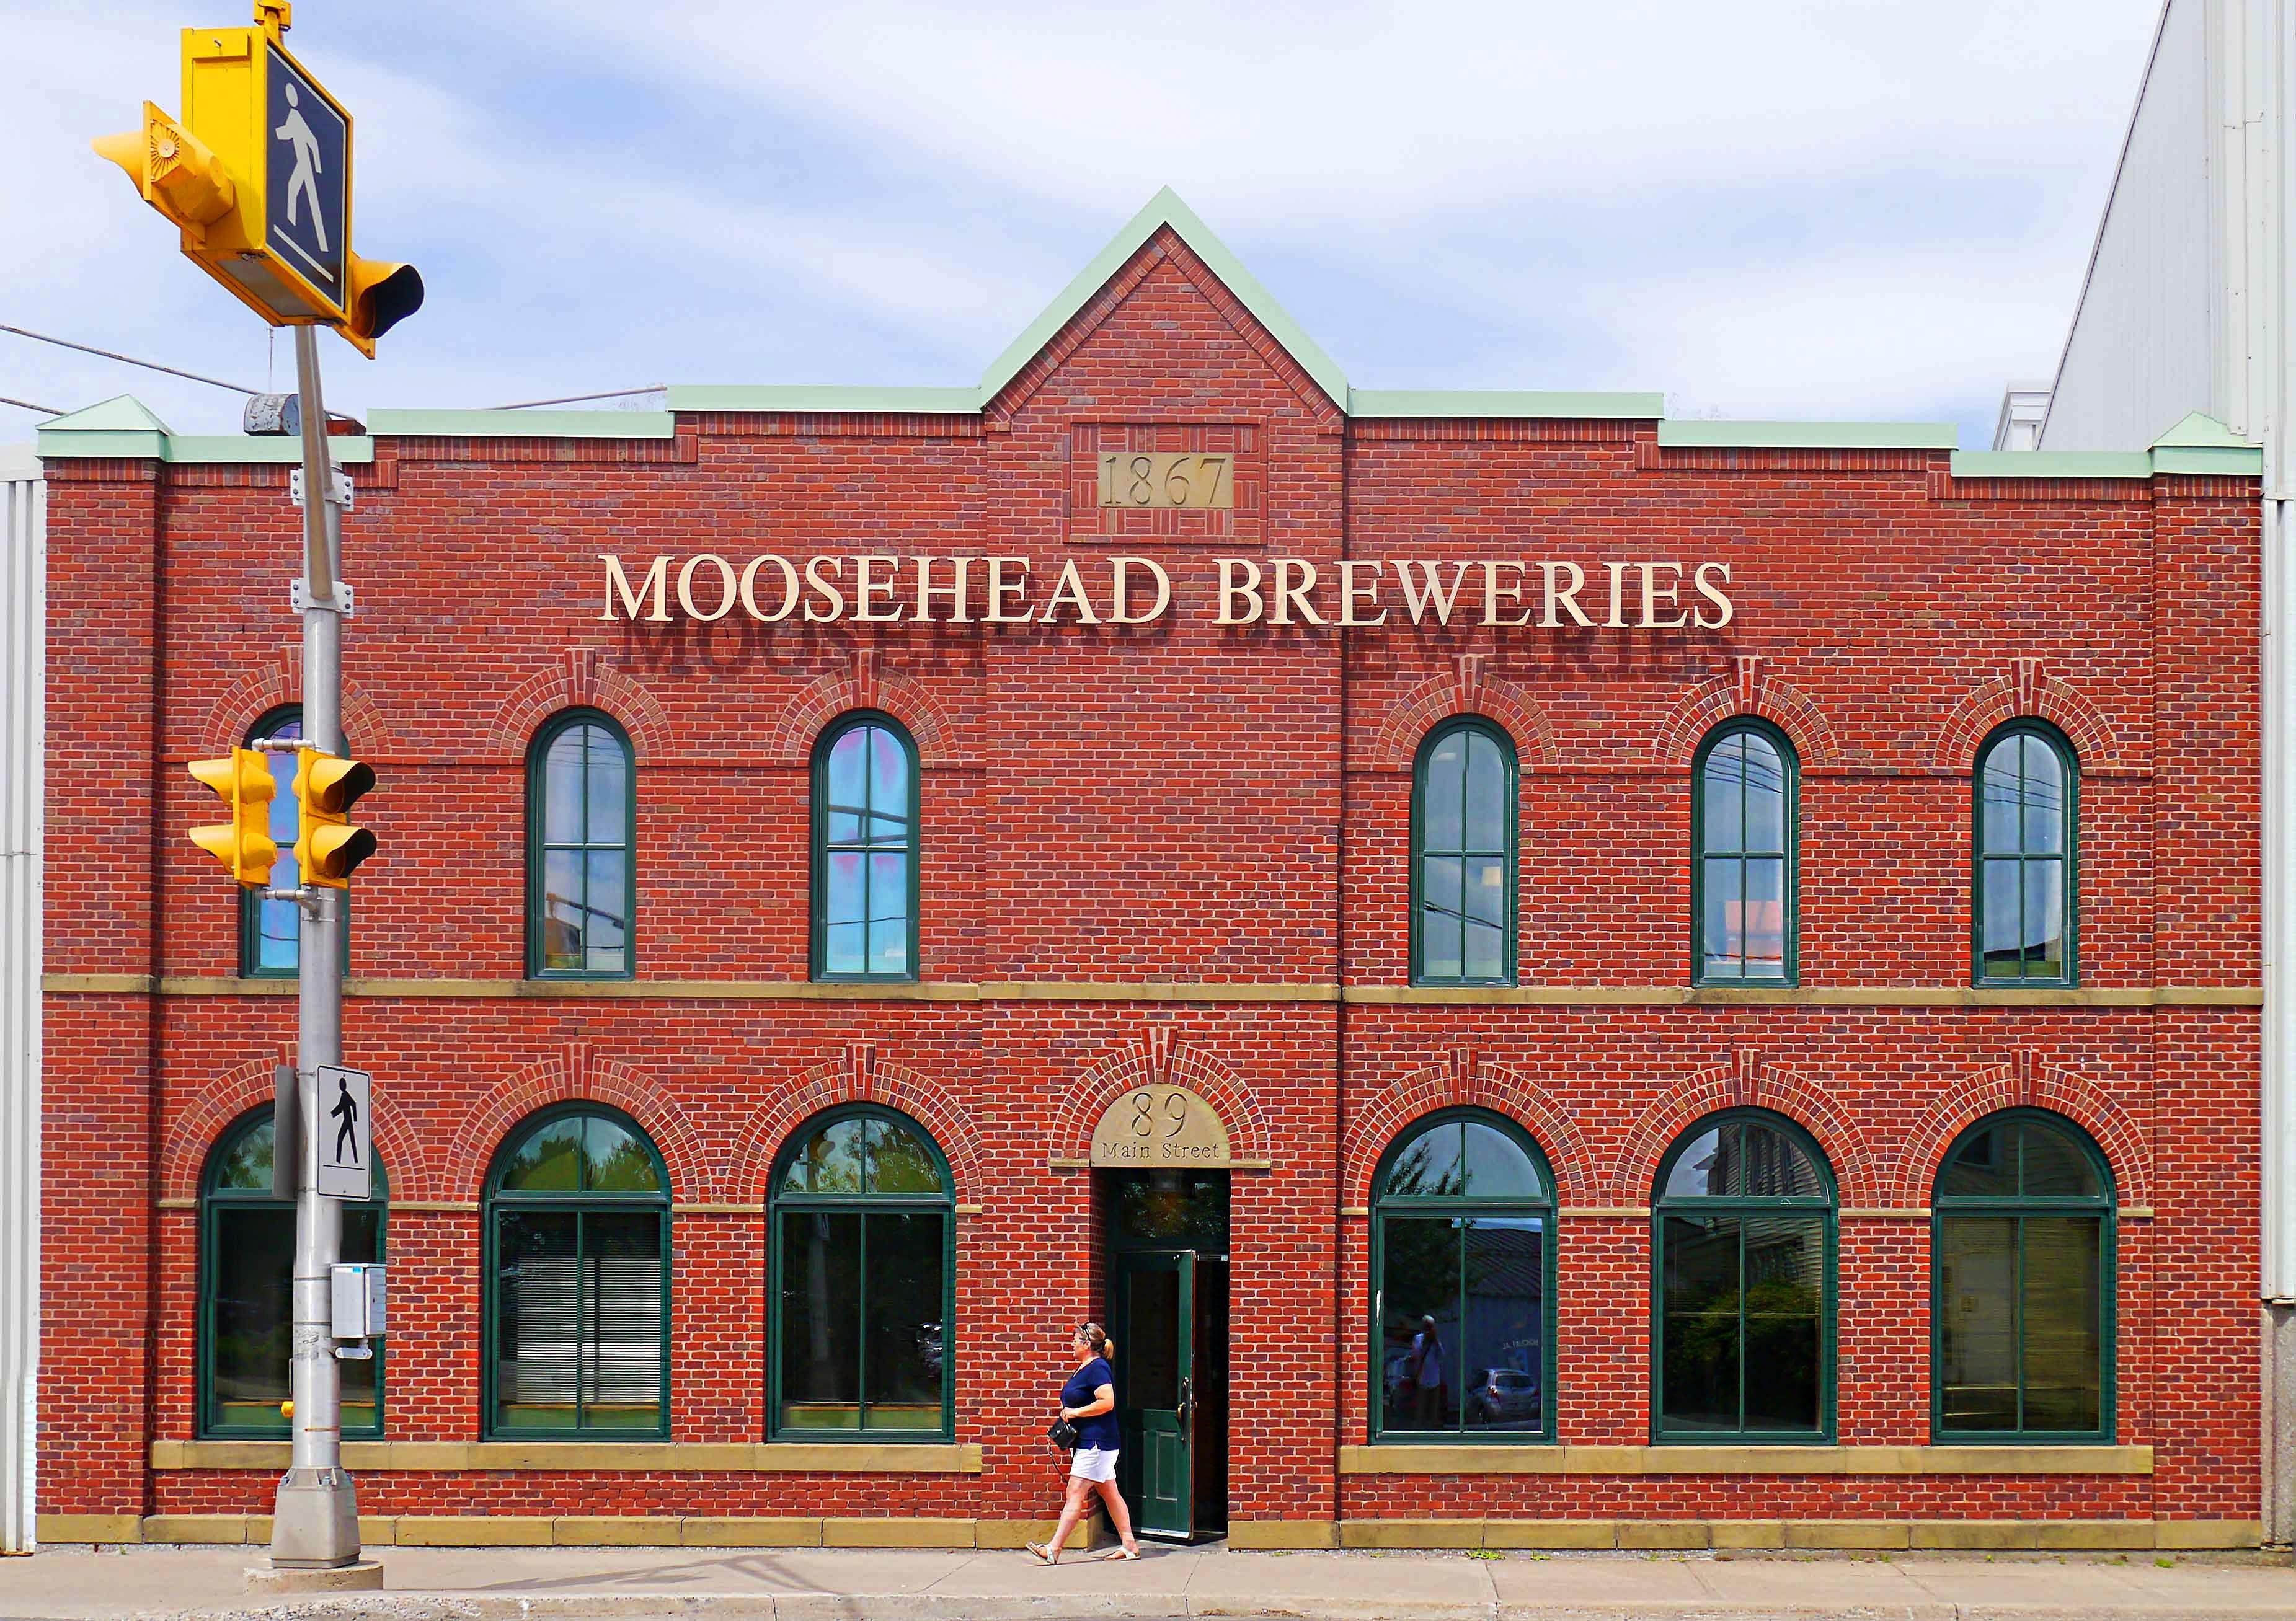 Moosehead Brewery